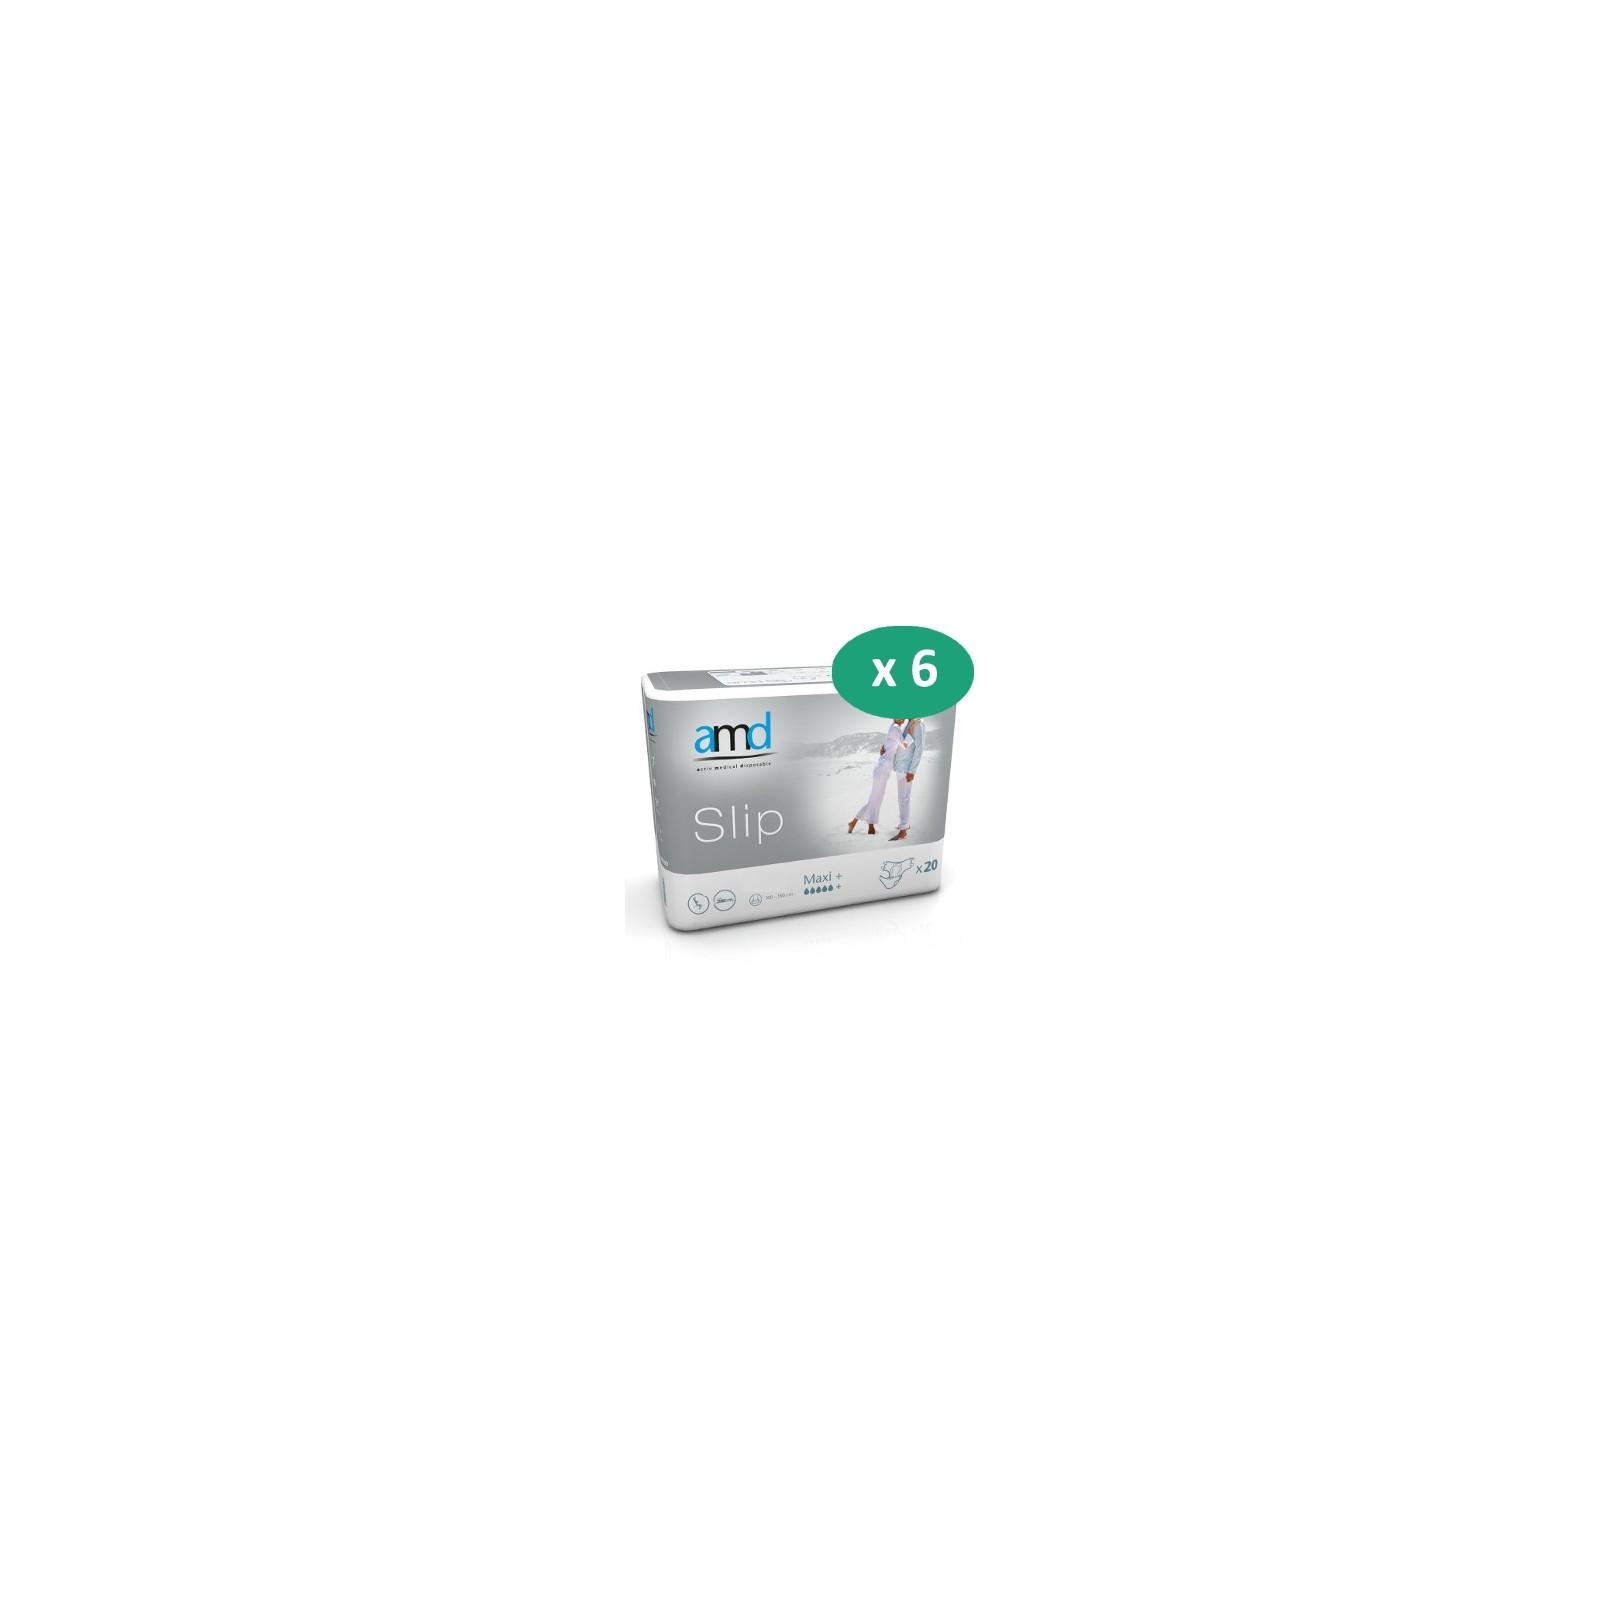 6 paquets de AMD Slip Maxi+| SenUp.com